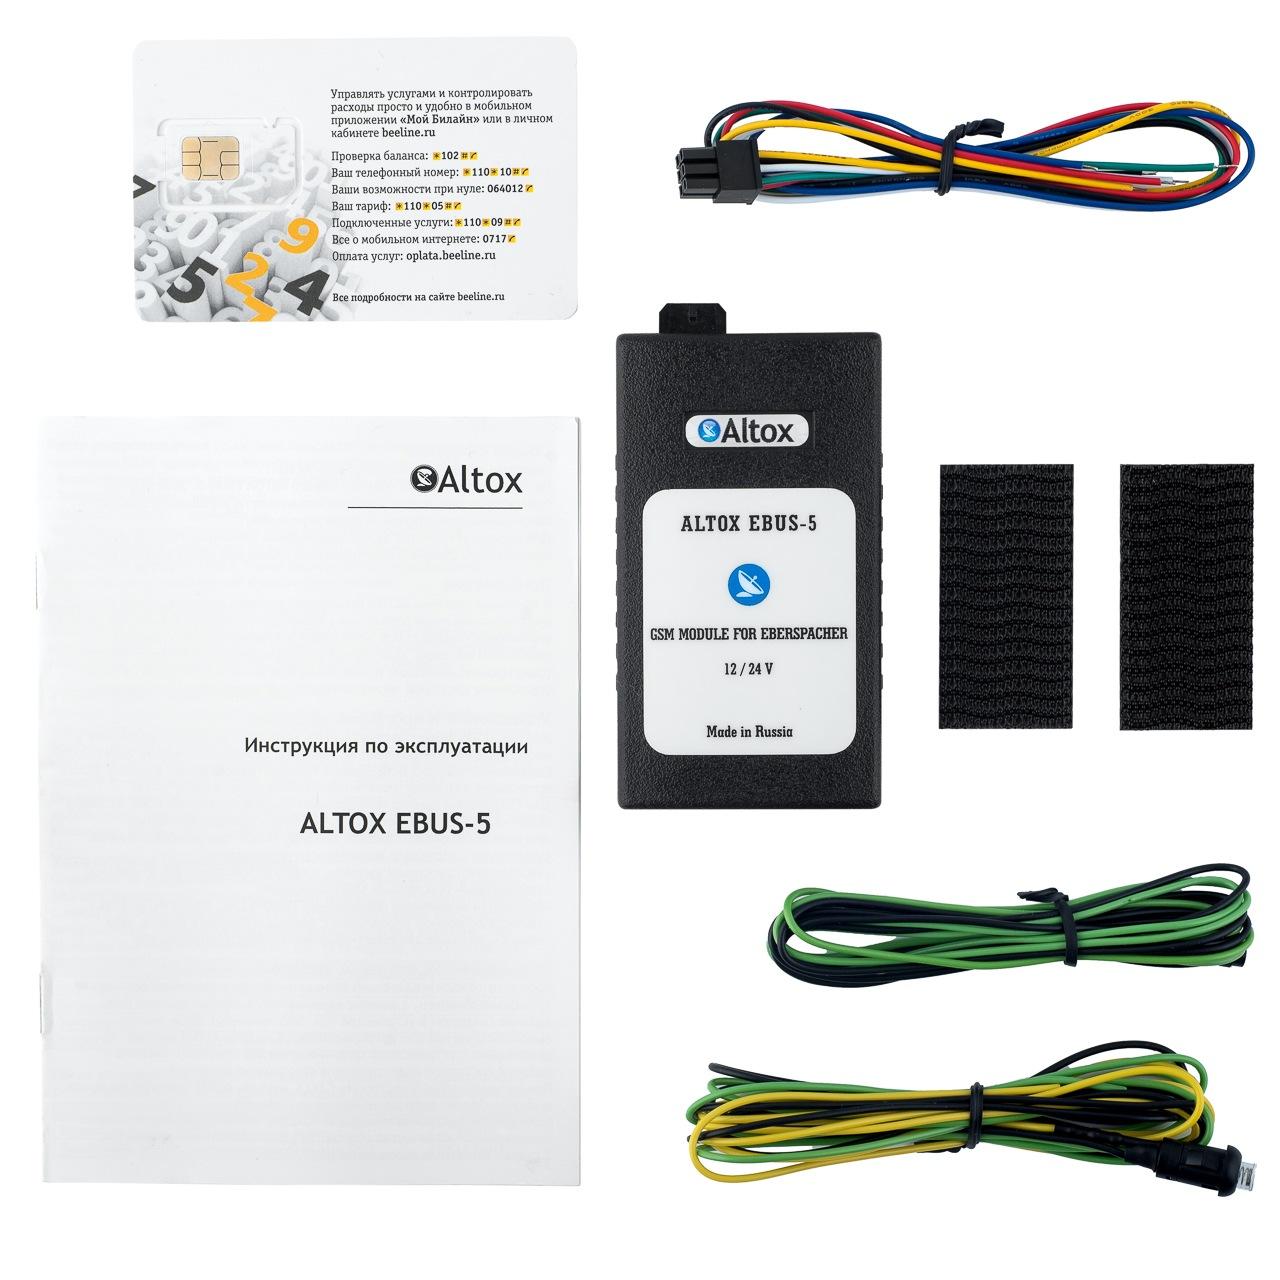 ALTOX EBUS-5 (for Eberspacher) - Altox-Europe